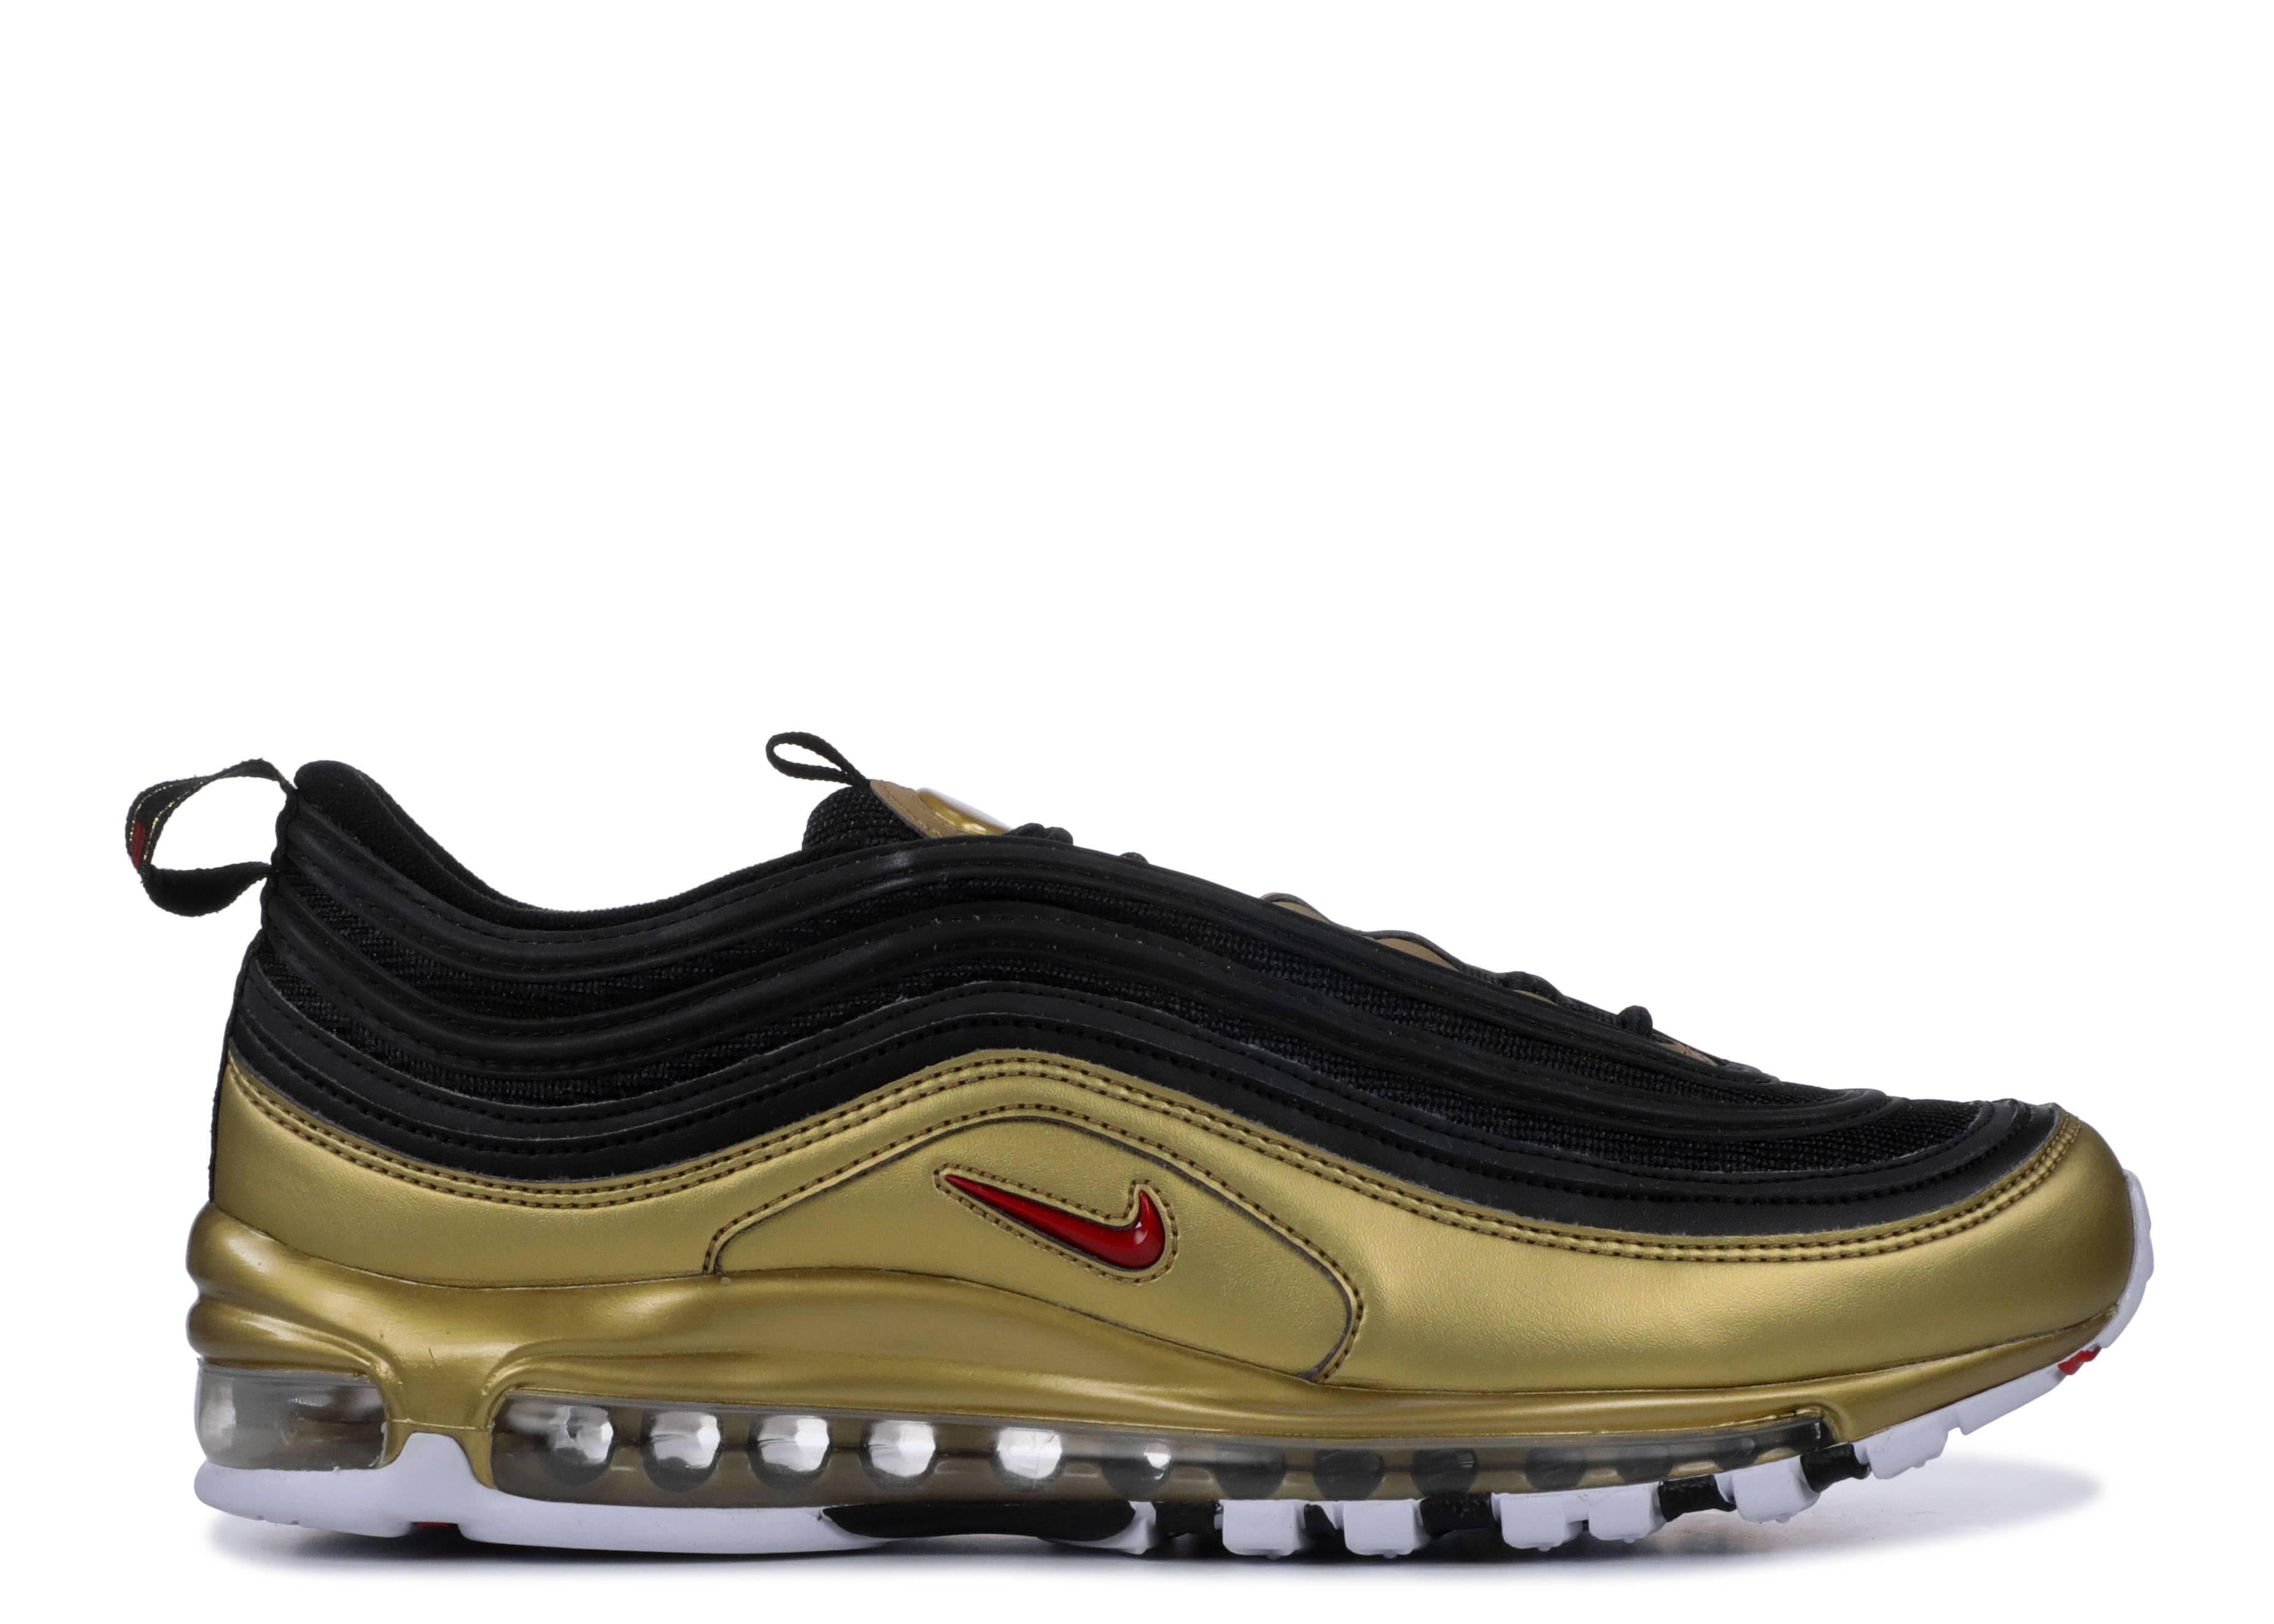 air max 97 qs gold